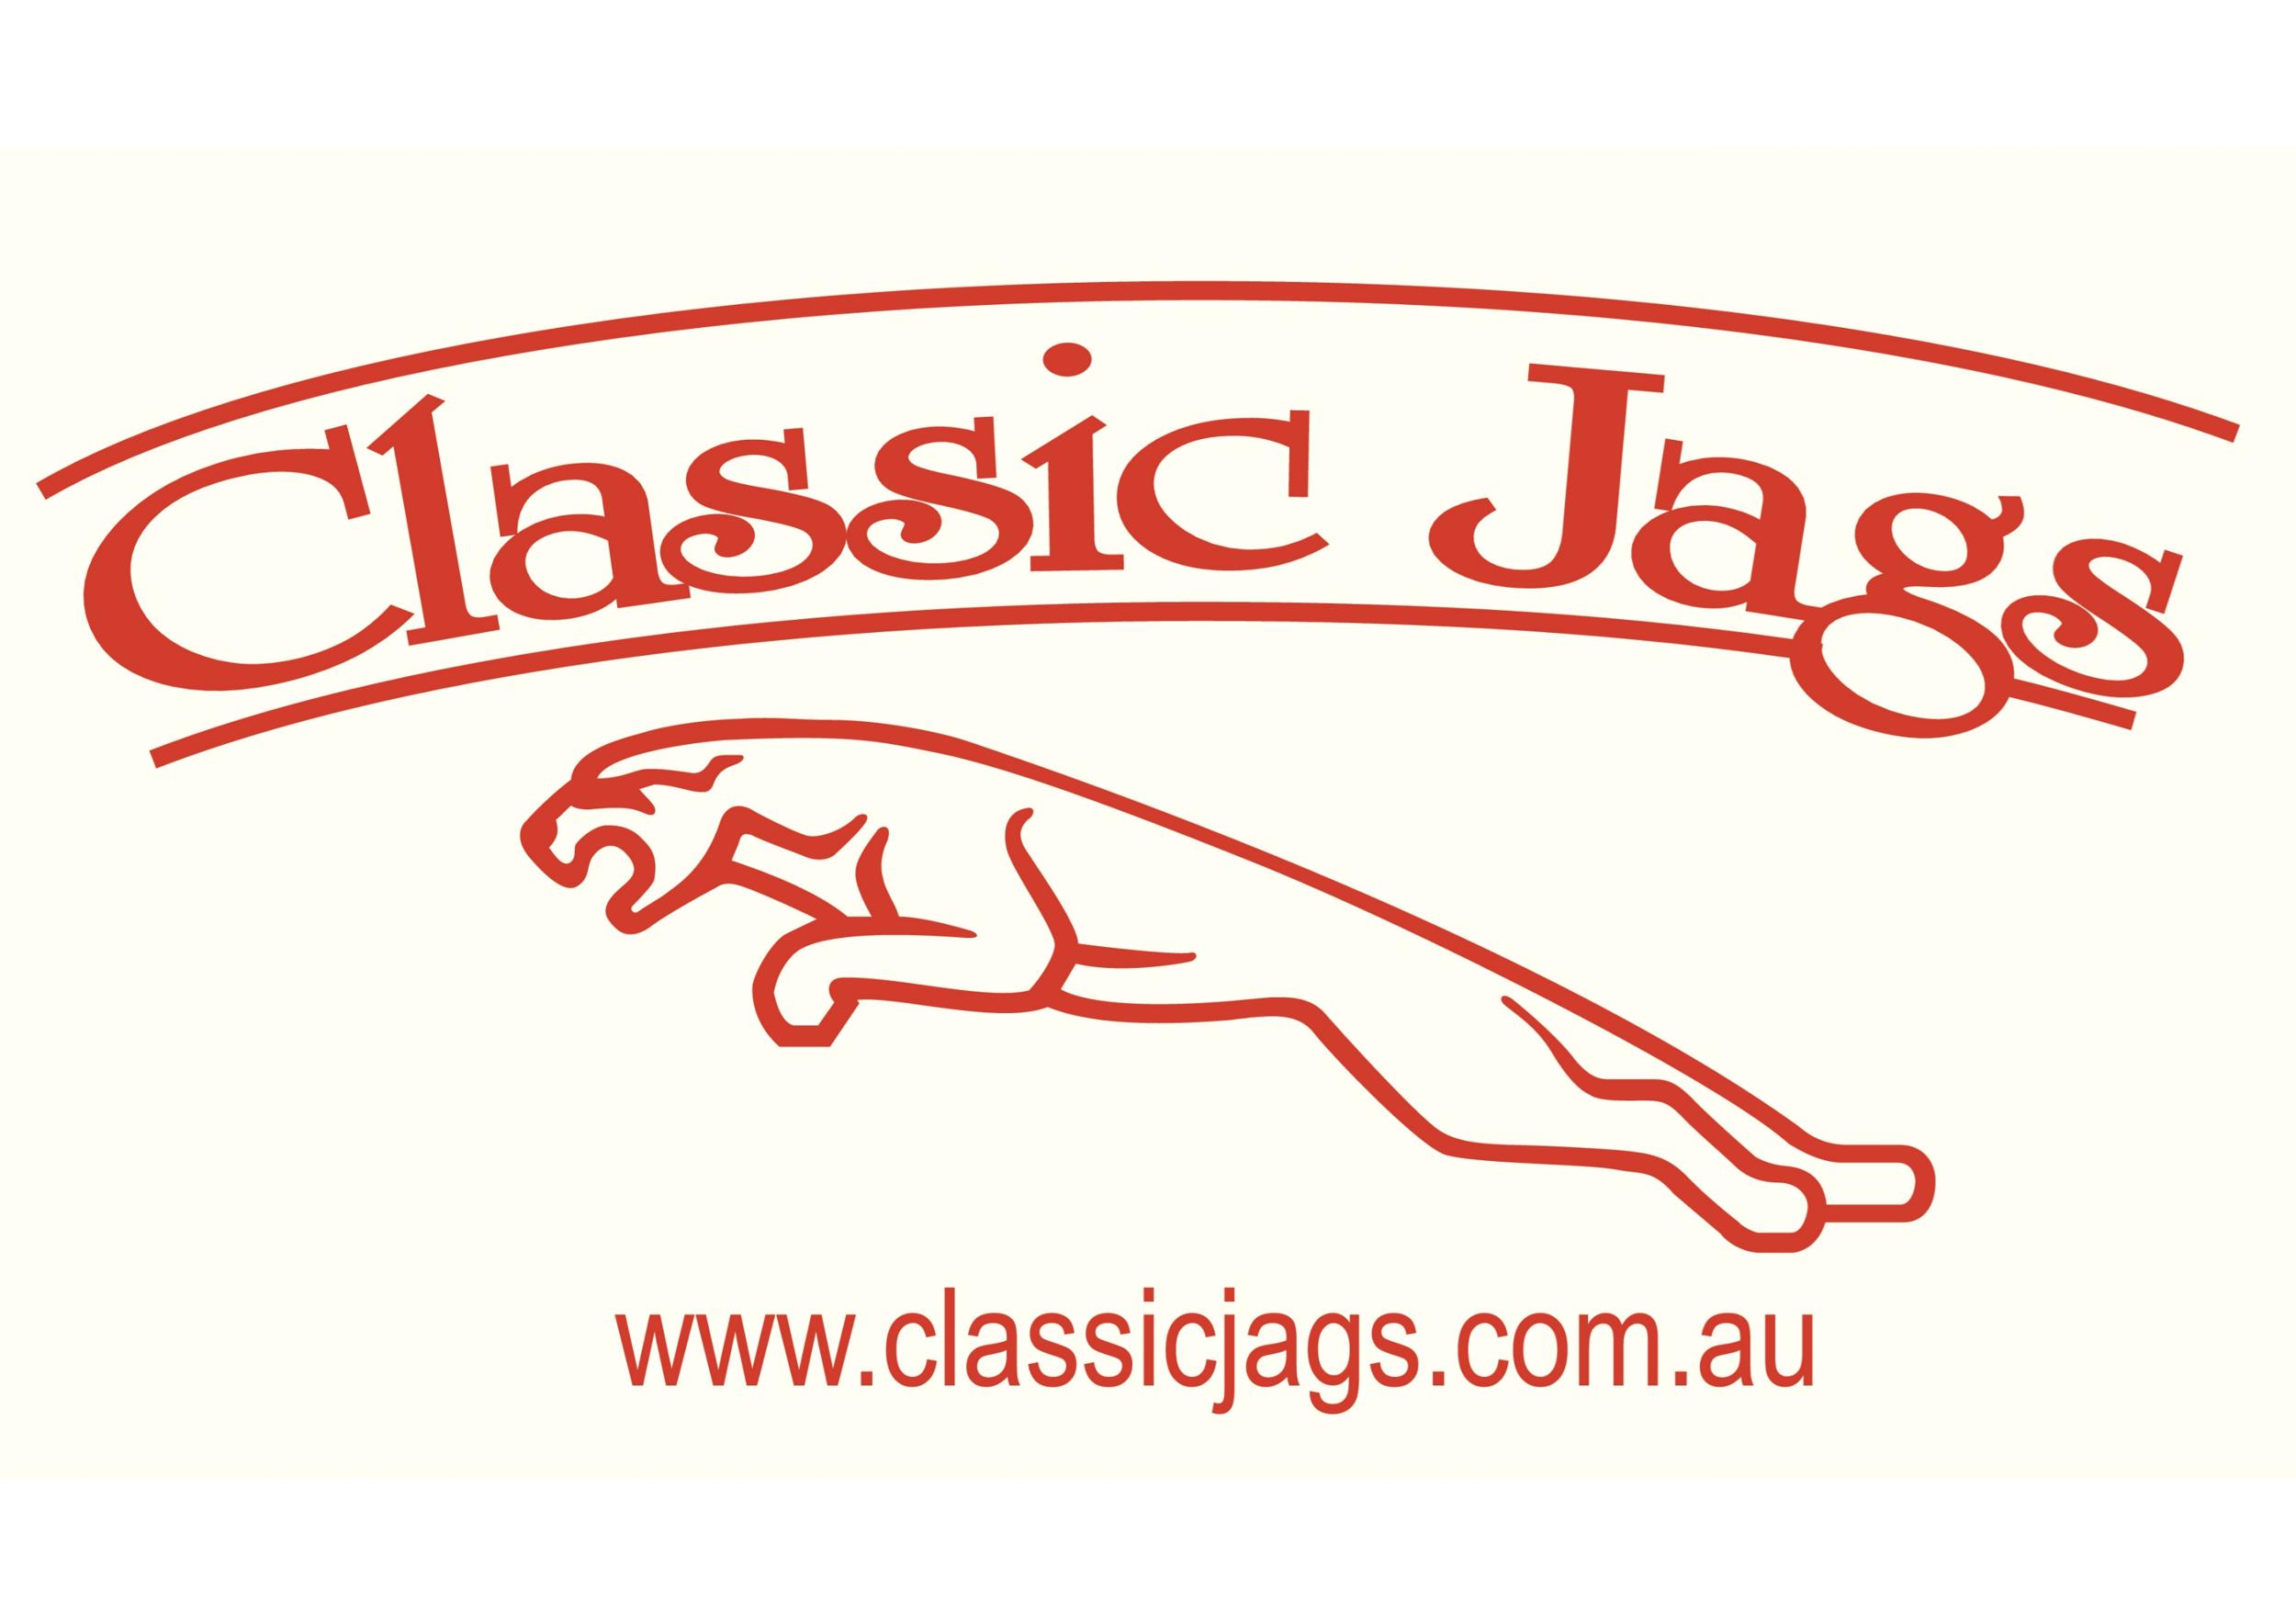 Classic-Jags-3659-L-1-1700060723.jpg